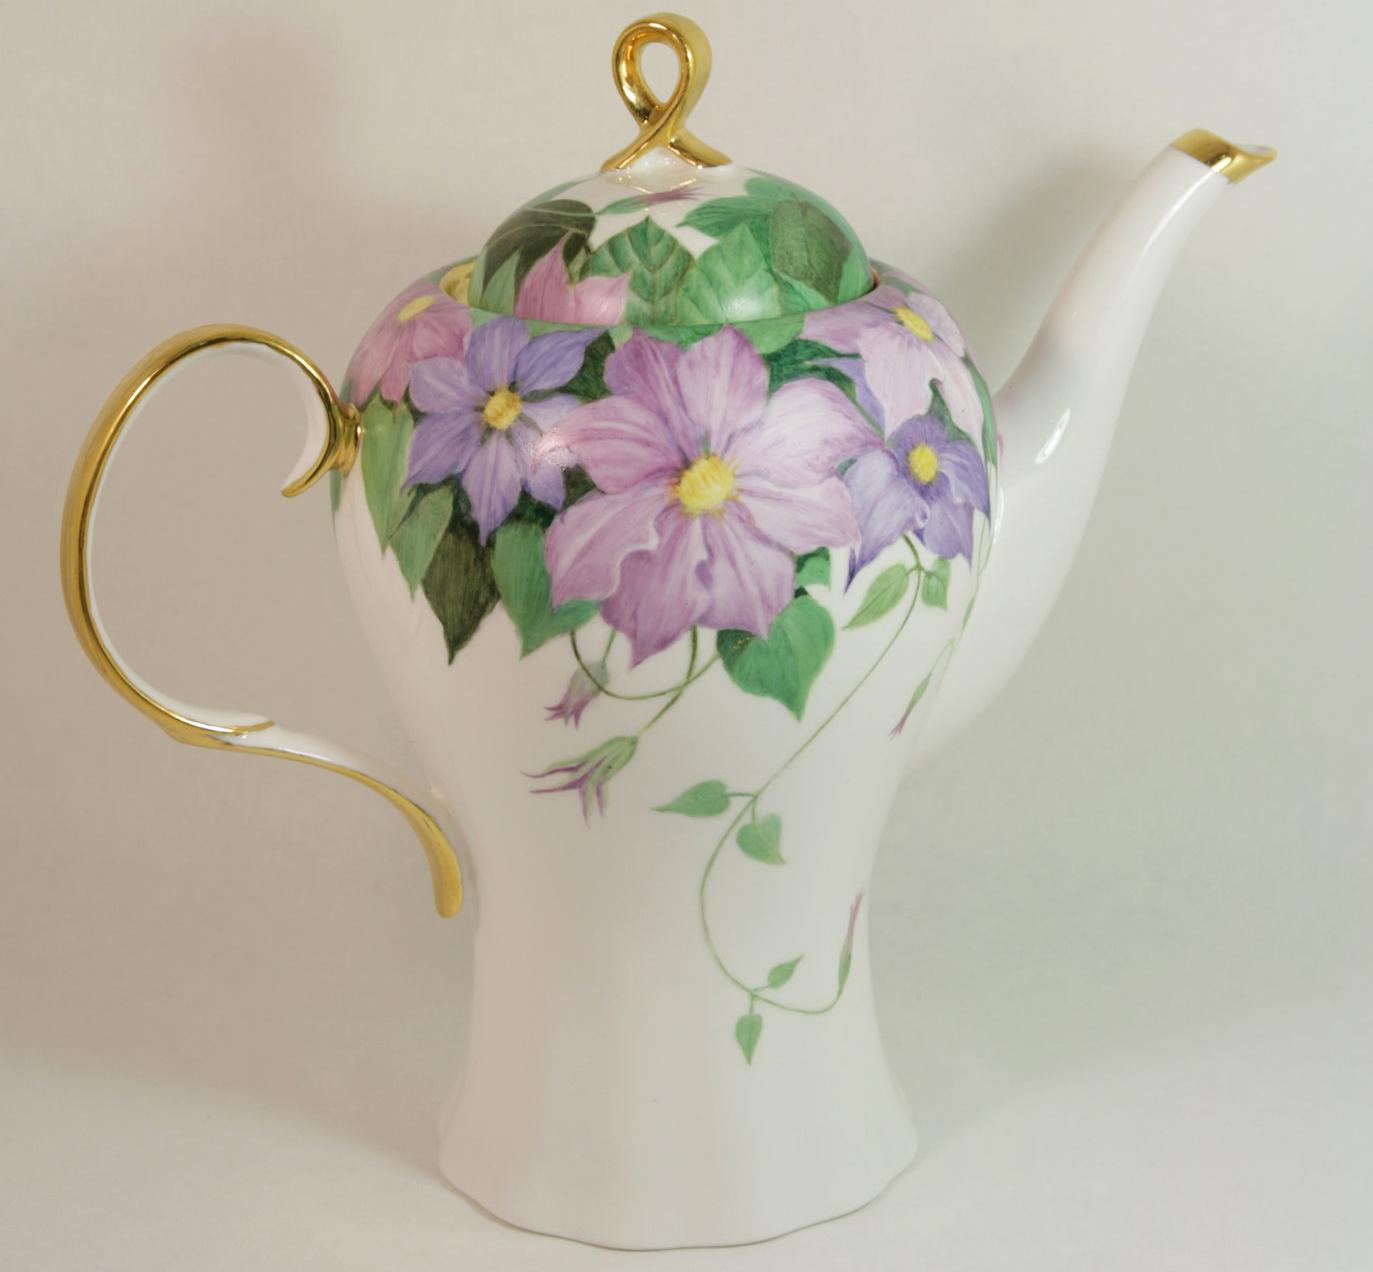 Чайник в виде хризантемы